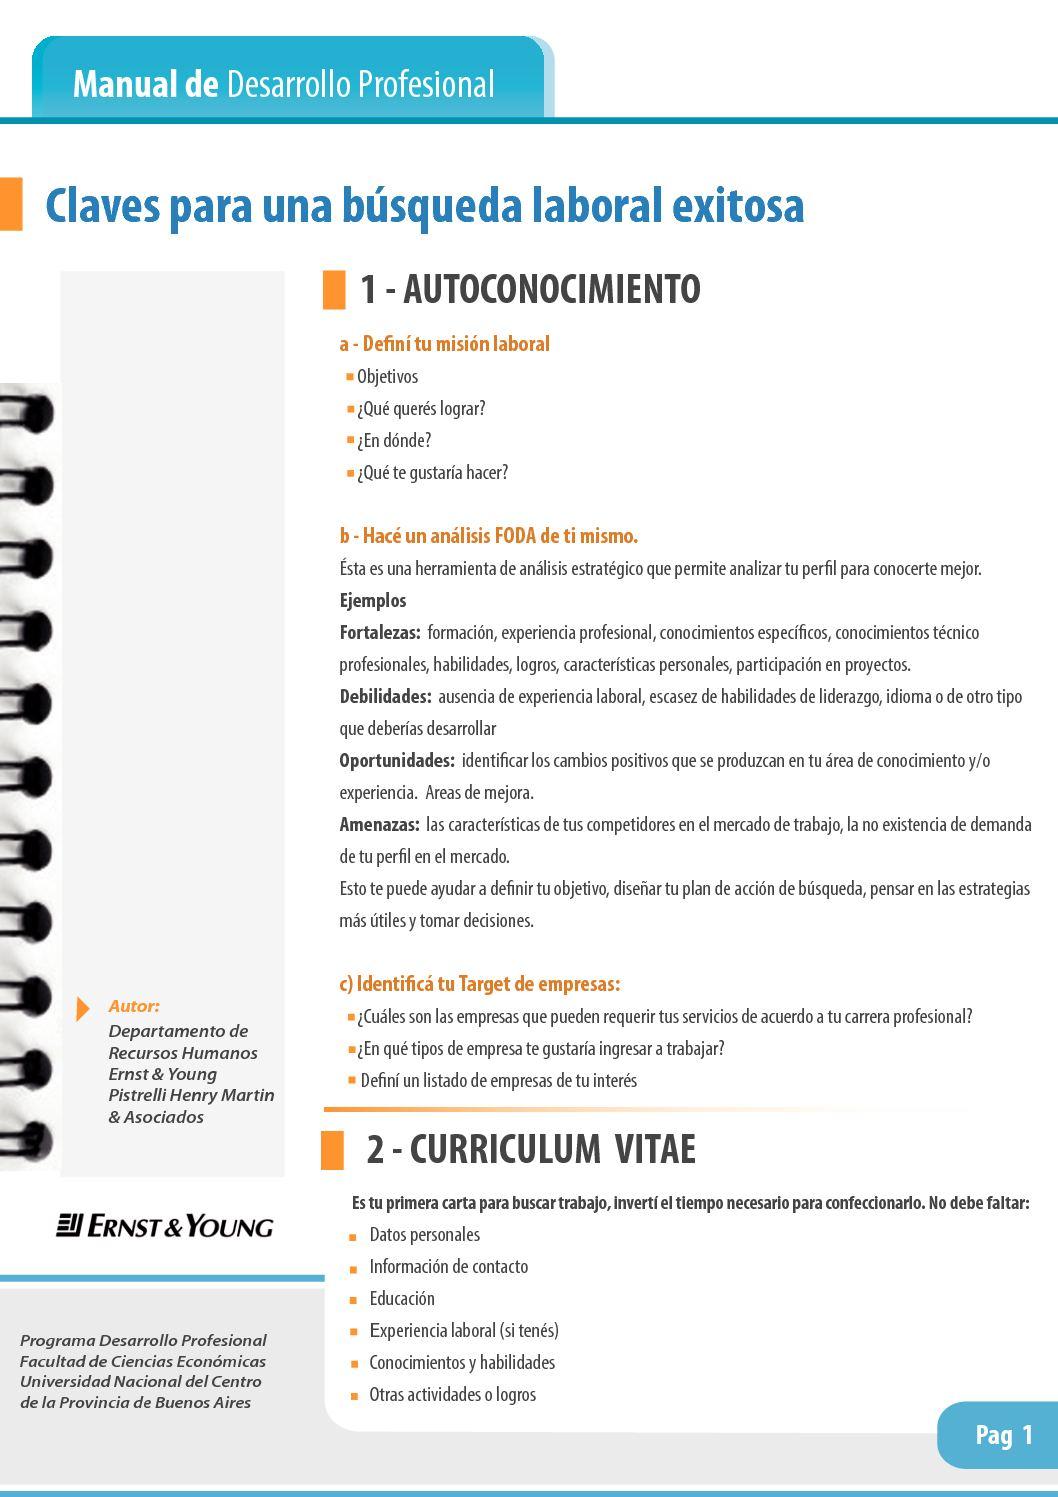 Calaméo - Desarrollo Profesional - Claves para la búsqueda laboral ...